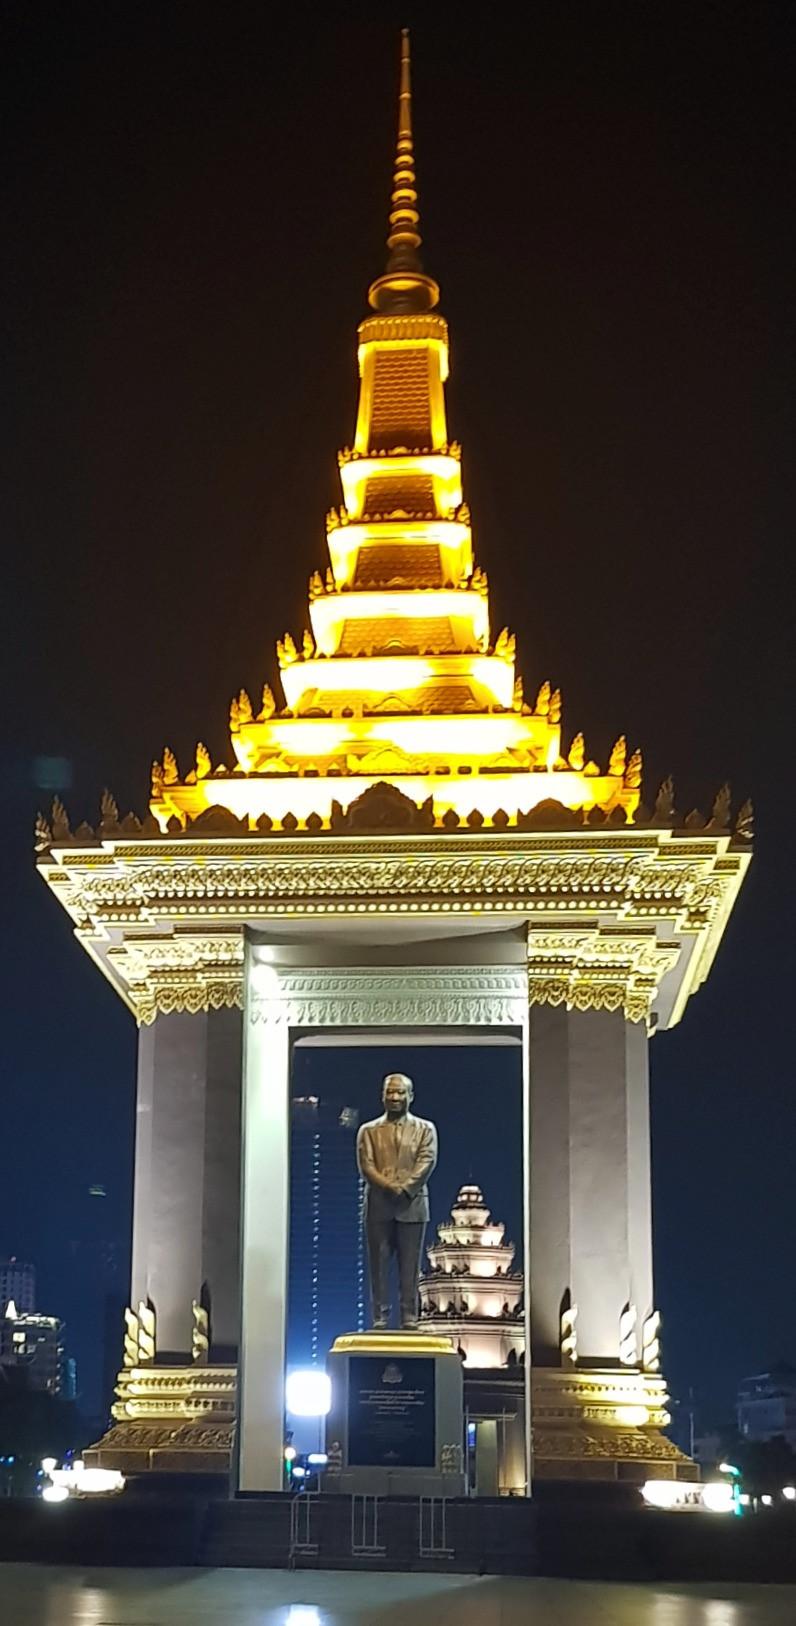 Pomnik króla Sihanouka Norodom w nocy oświetlony mocno światłem, na tle czarnego nieba, Independence Square Phnom Penh